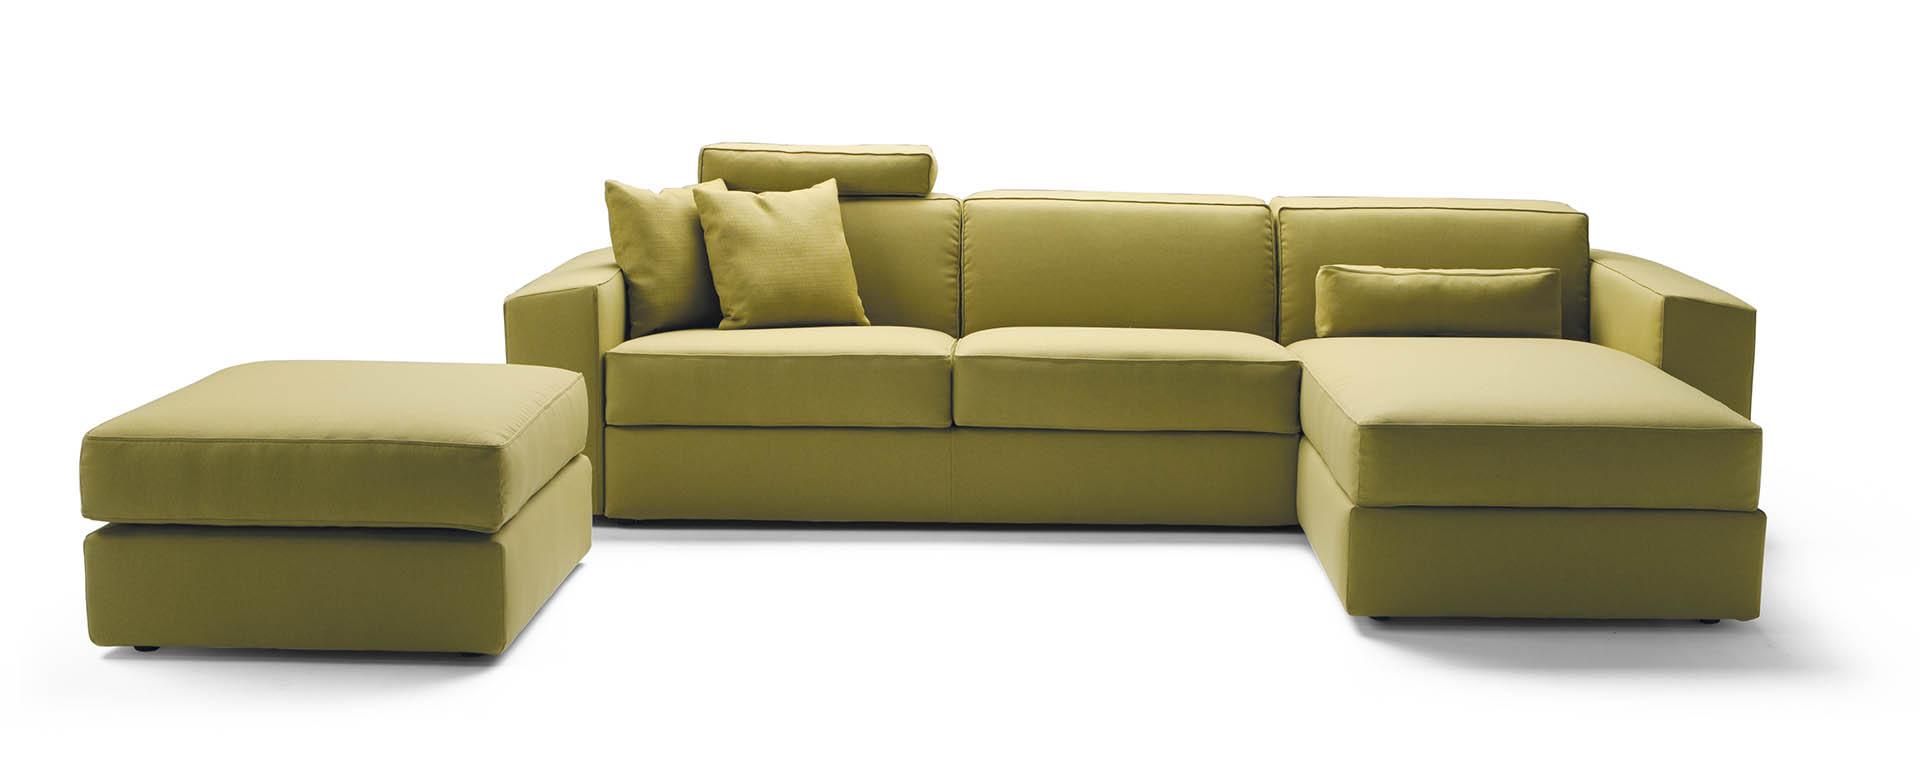 milano bedding divano letto melvin. Black Bedroom Furniture Sets. Home Design Ideas